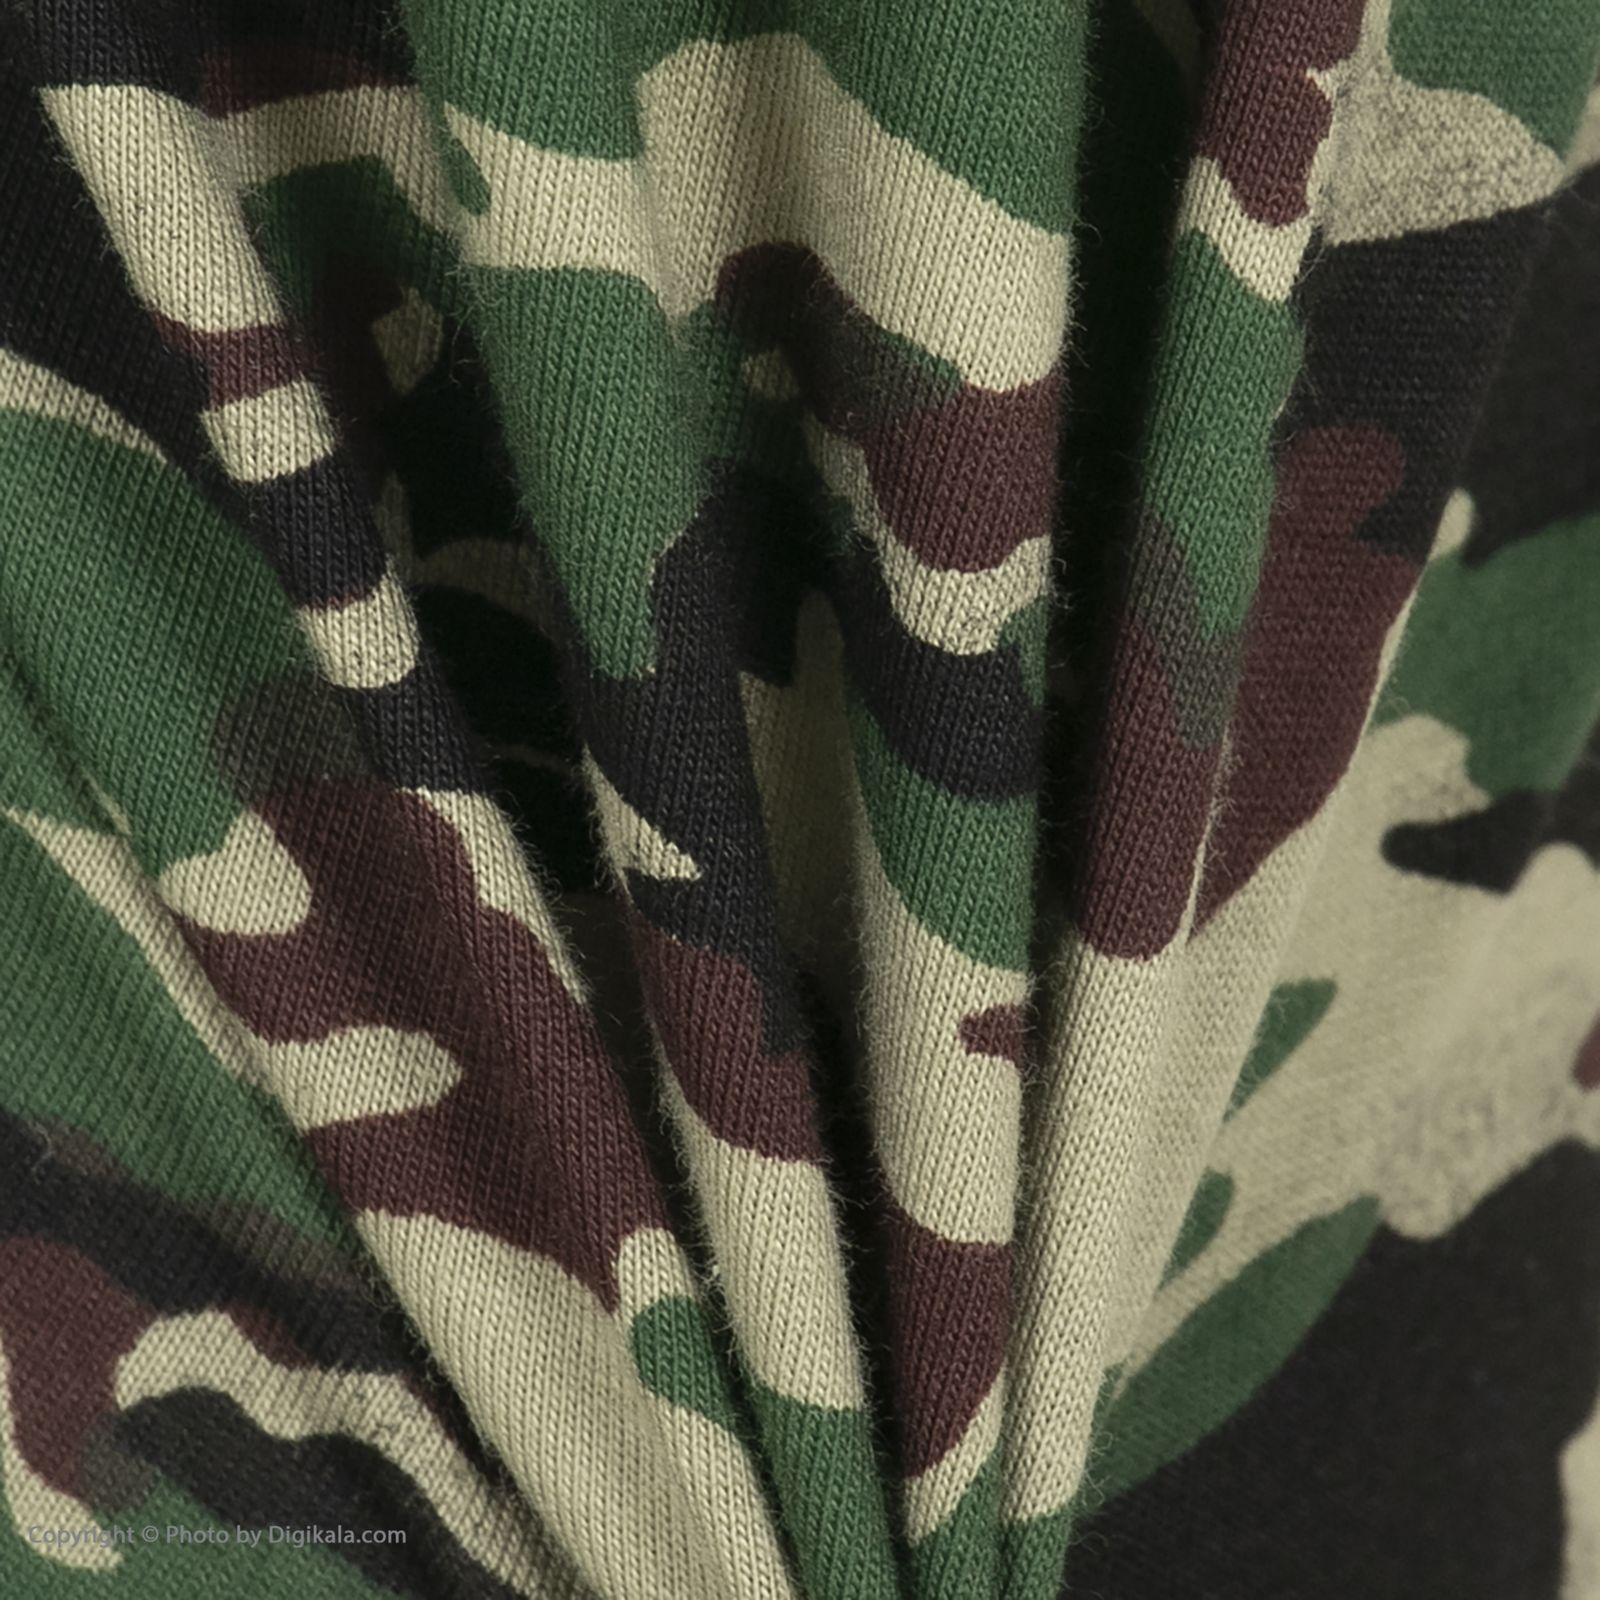 ست تی شرت و شلوارک راحتی مردانه مادر مدل 2041108-49 -  - 11